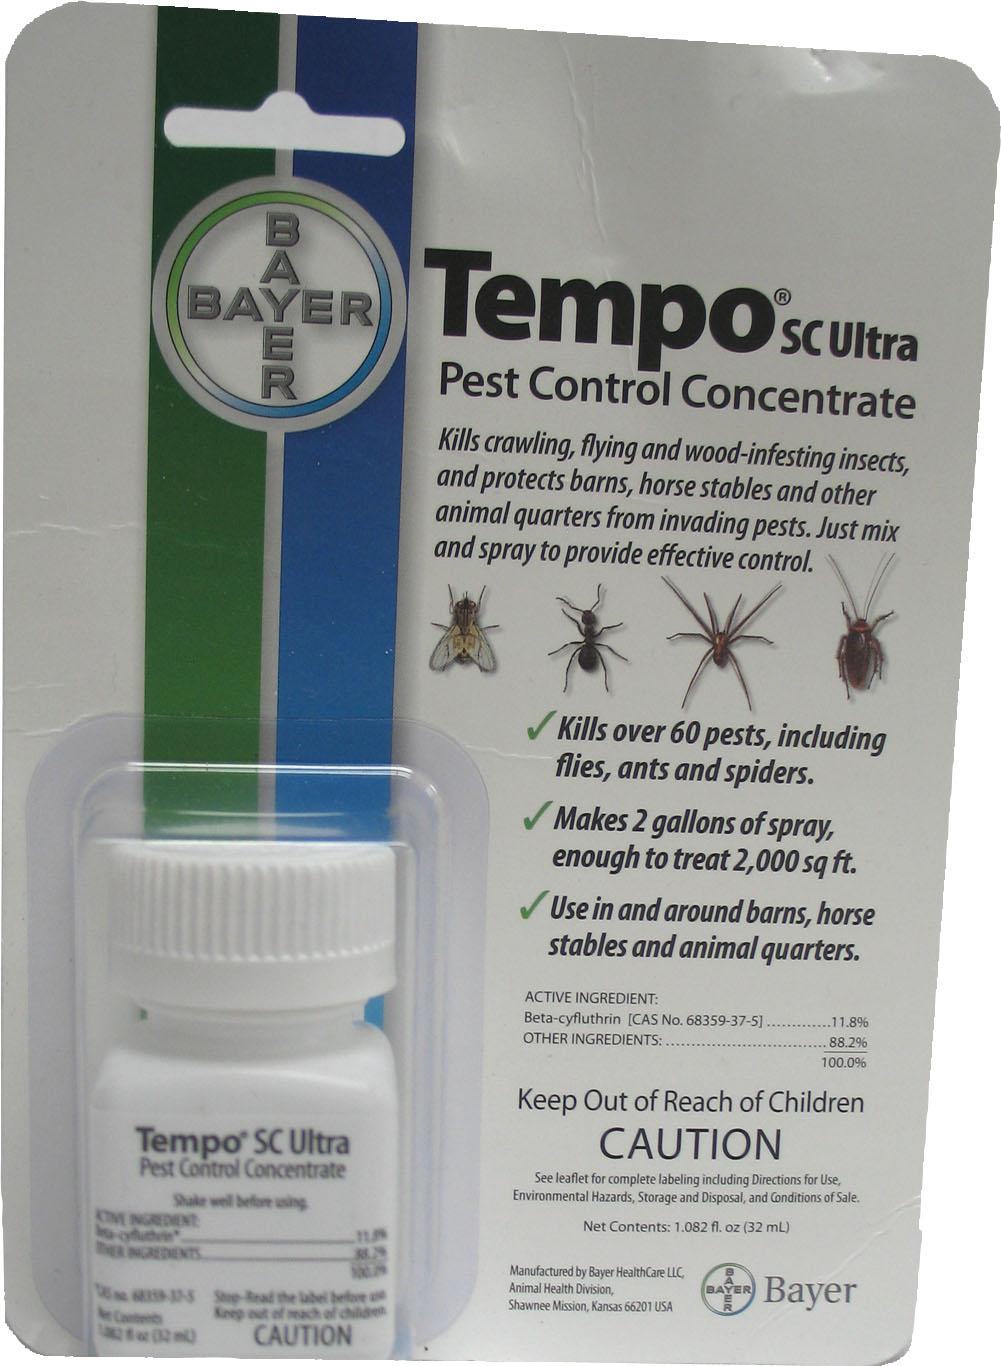 TEMPO SC ULTRA PEST CONTROL CONCENTRATE - Walmart.com